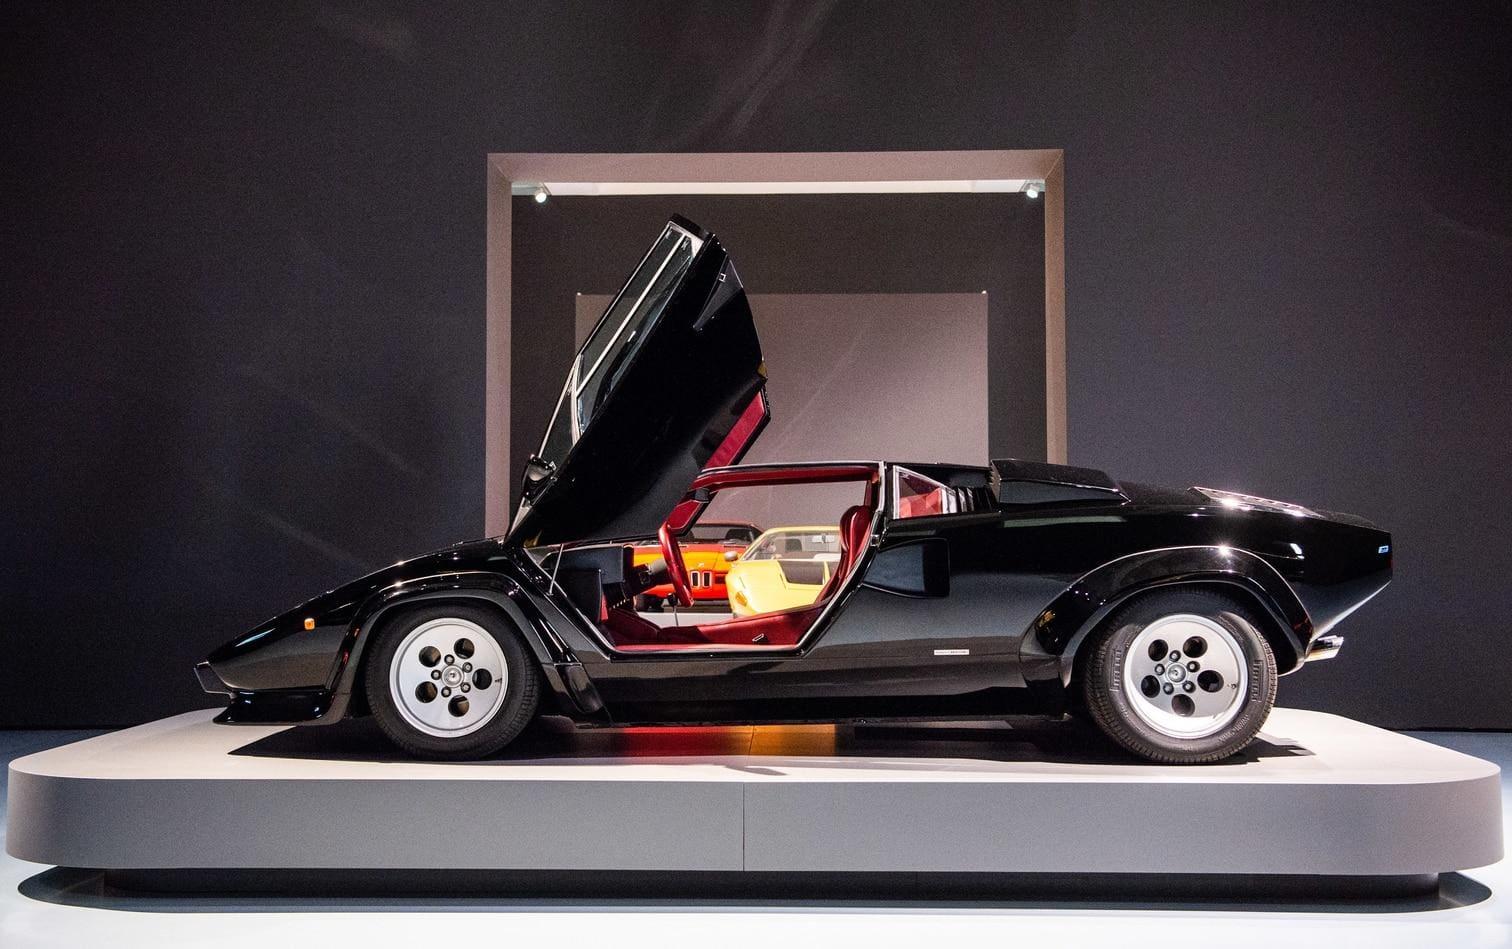 <p>Im Mittelpunkt stehen der ästhetische Blick und die Design-Geschichte der schnellen Wagen.</p> Foto: Christophe Gateau / dpa